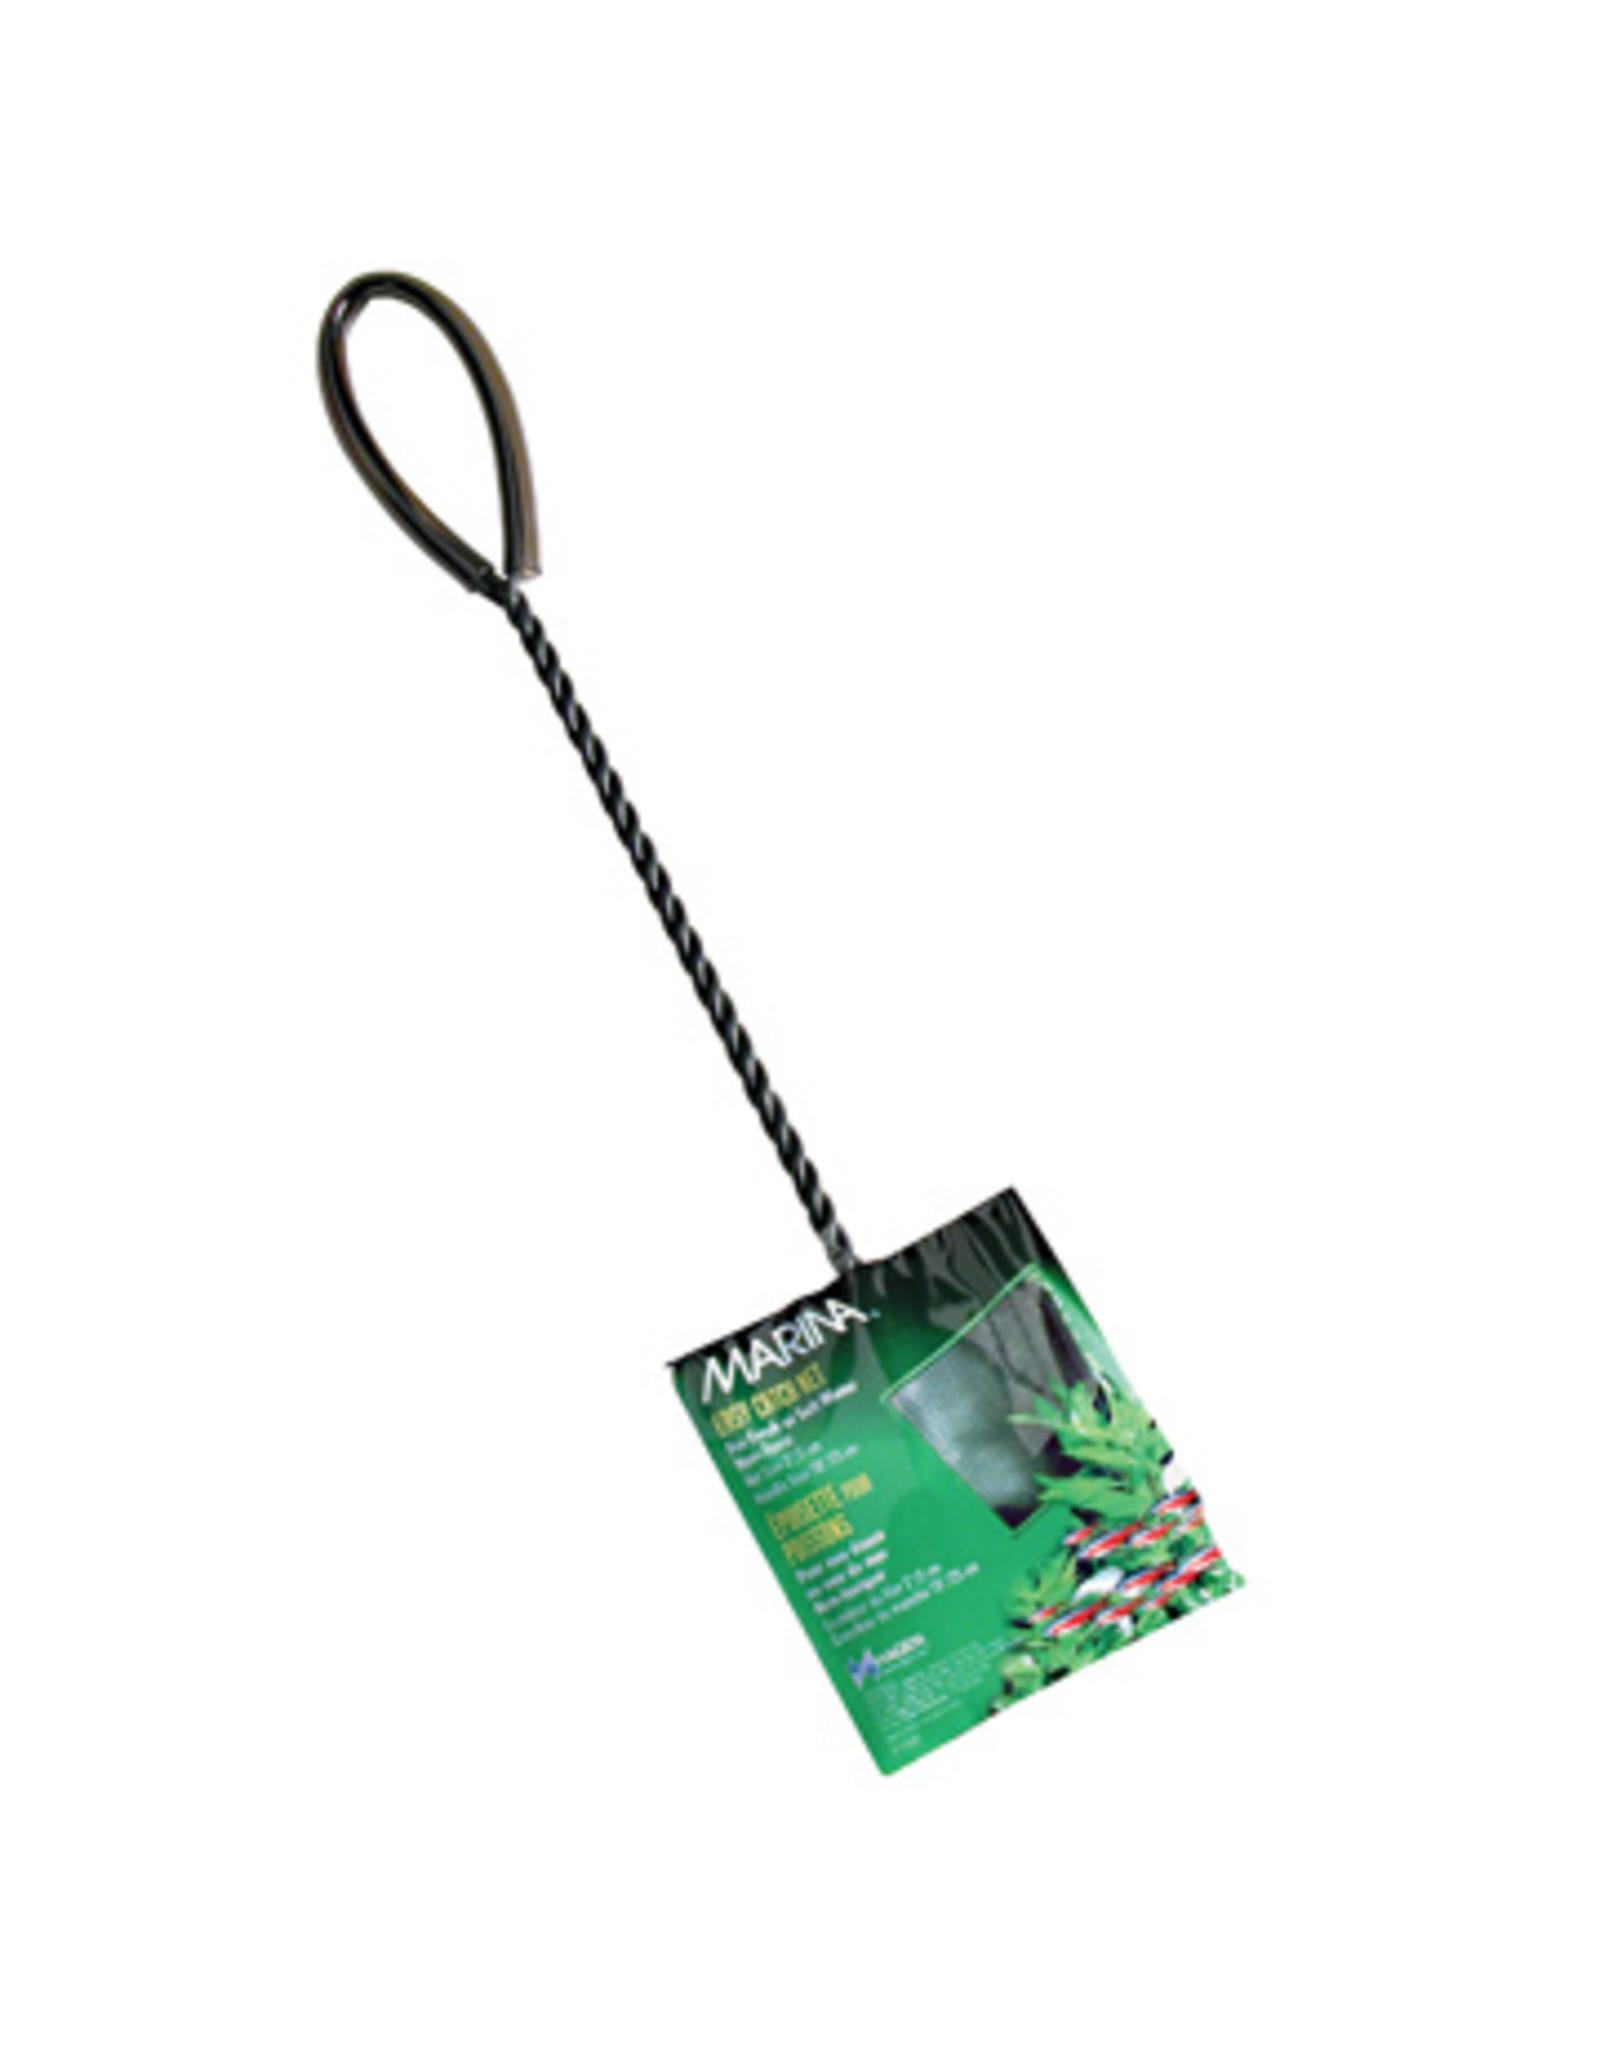 Marina MARINA Easy-Catch Net 25cm Handle